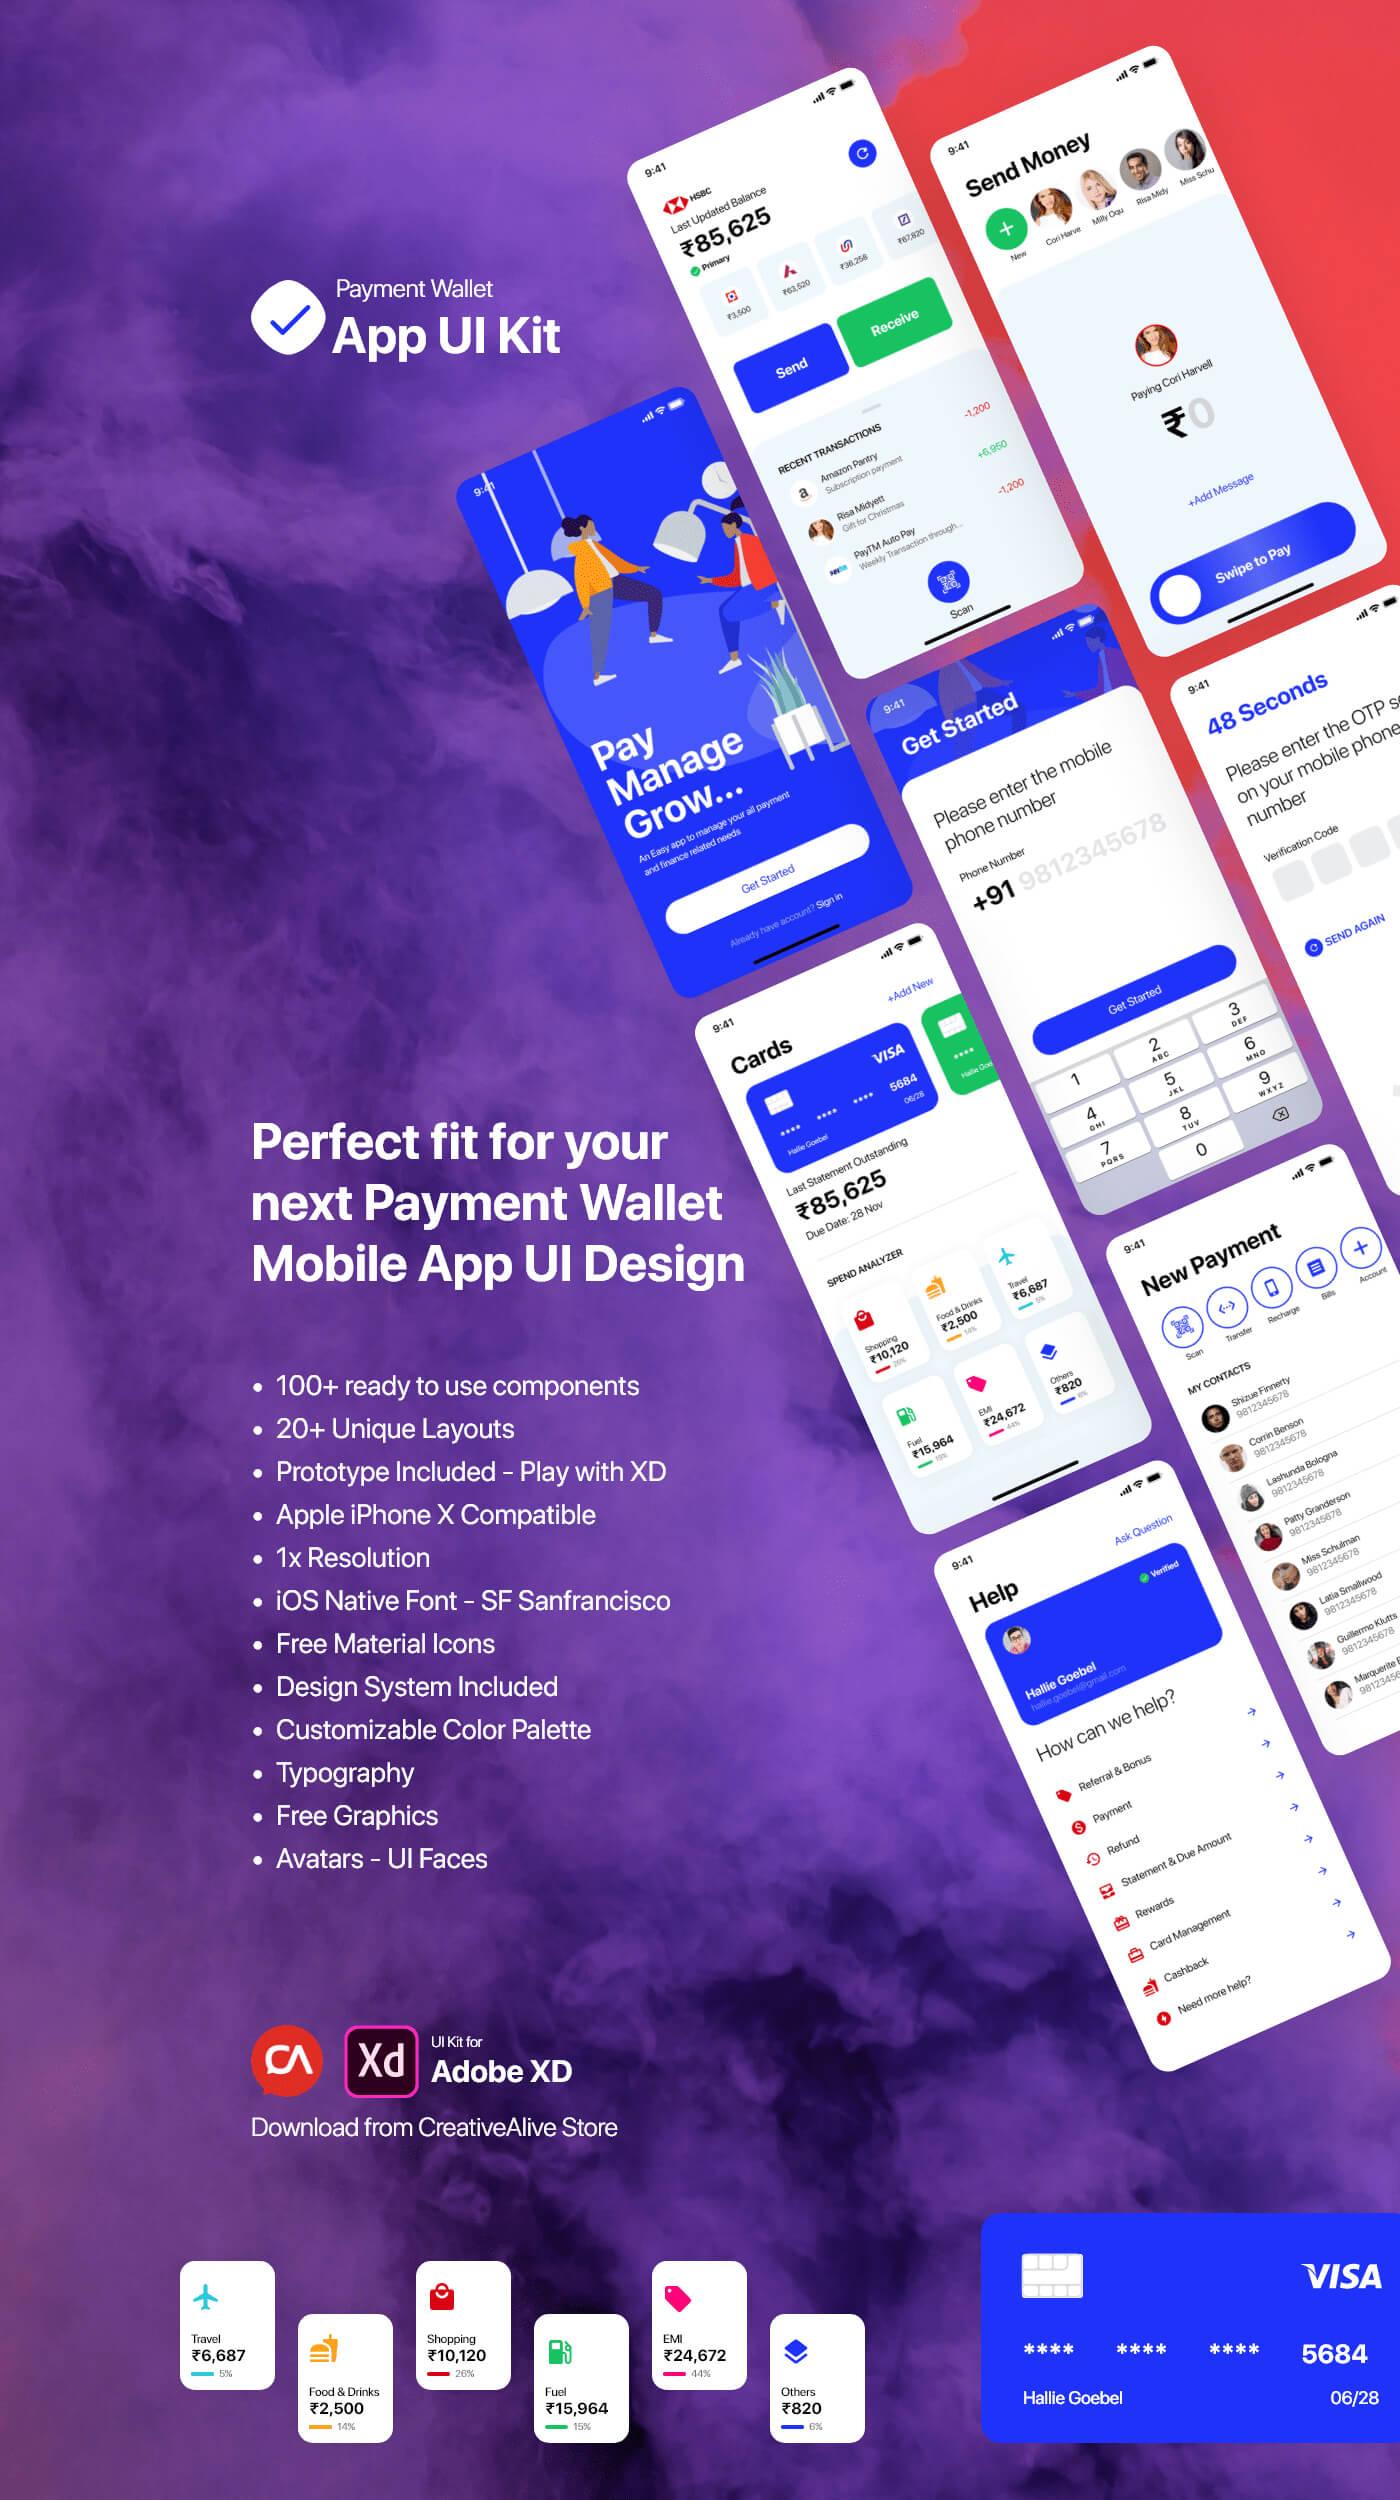 Payment Wallet Mobile App UI Kit presentation image